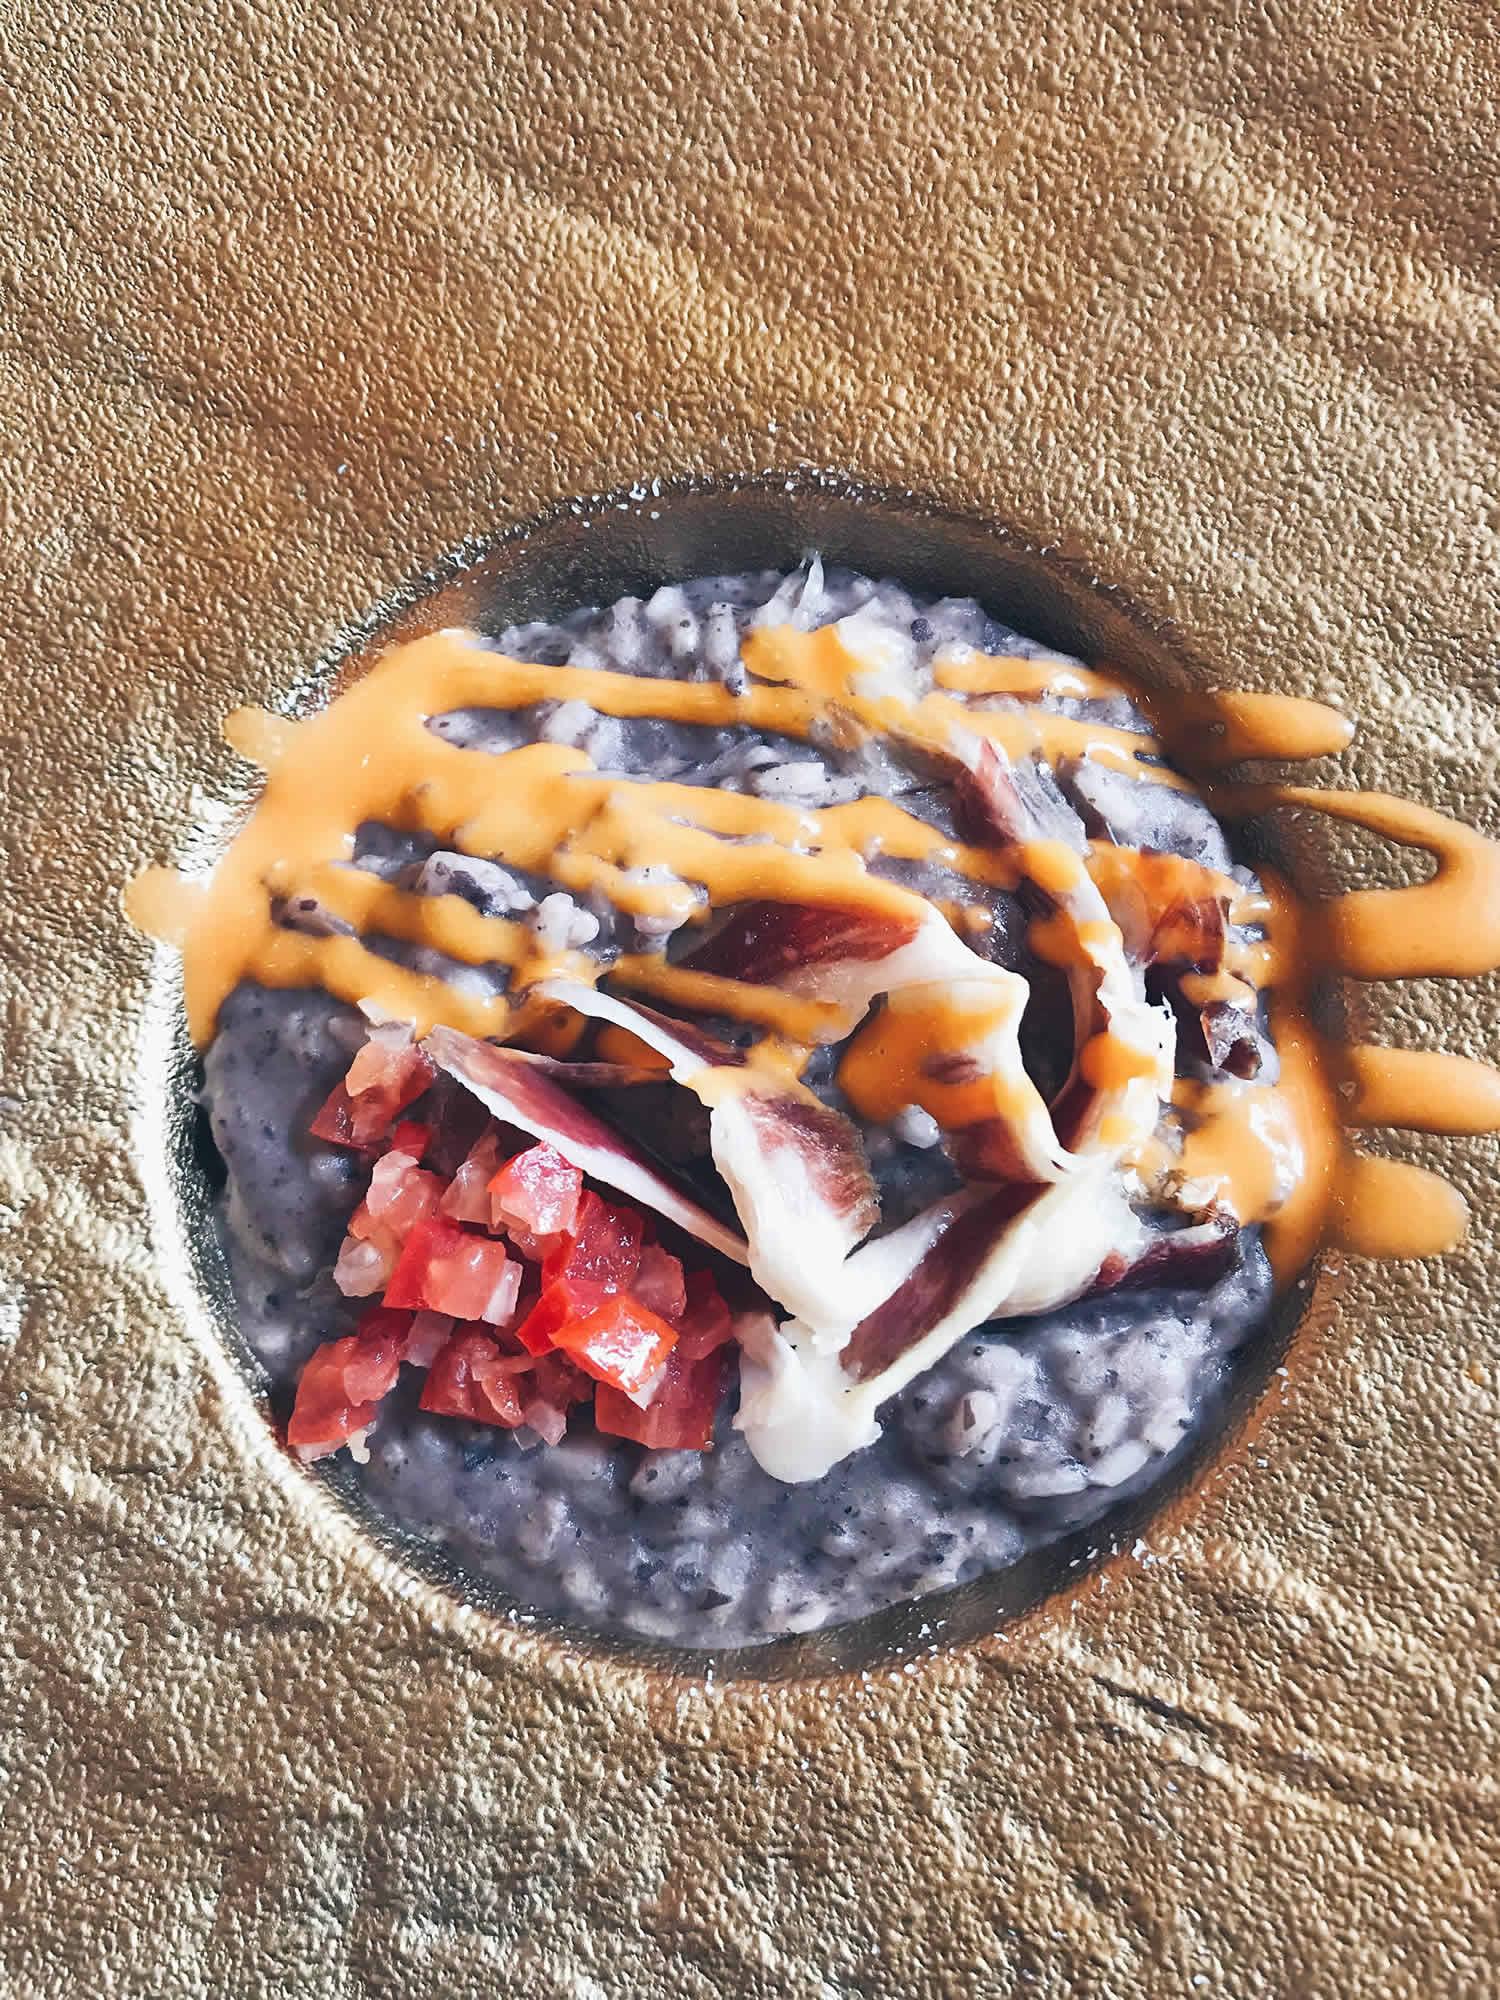 Risotto officina del riso dettaglio del piatto